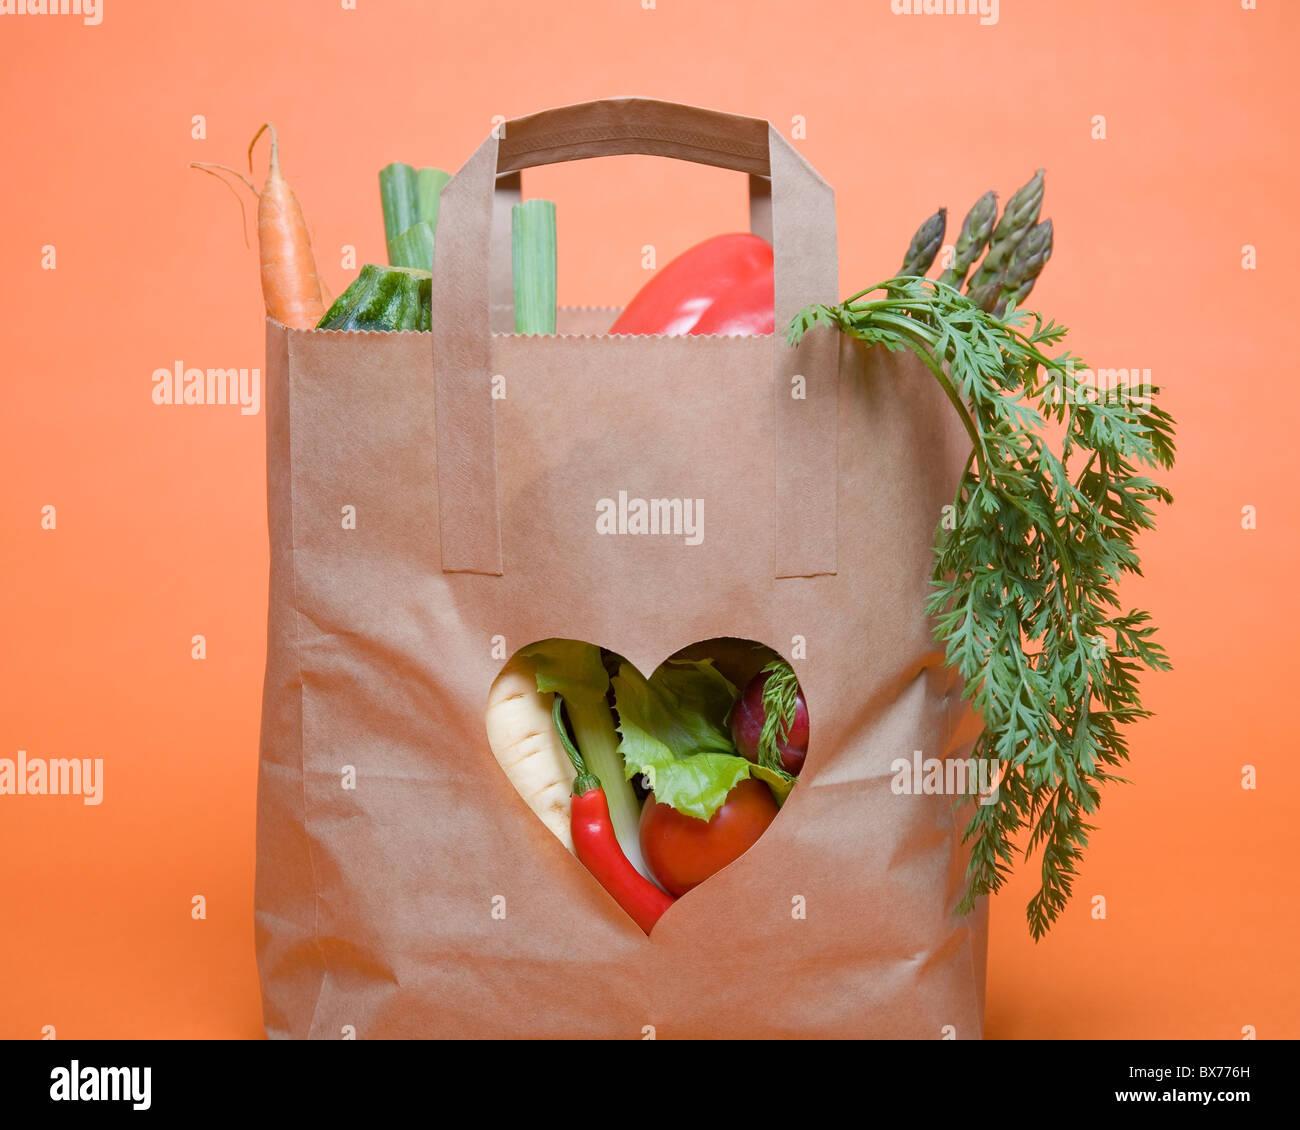 Gemüse in Tasche mit Herzsymbol Stockbild